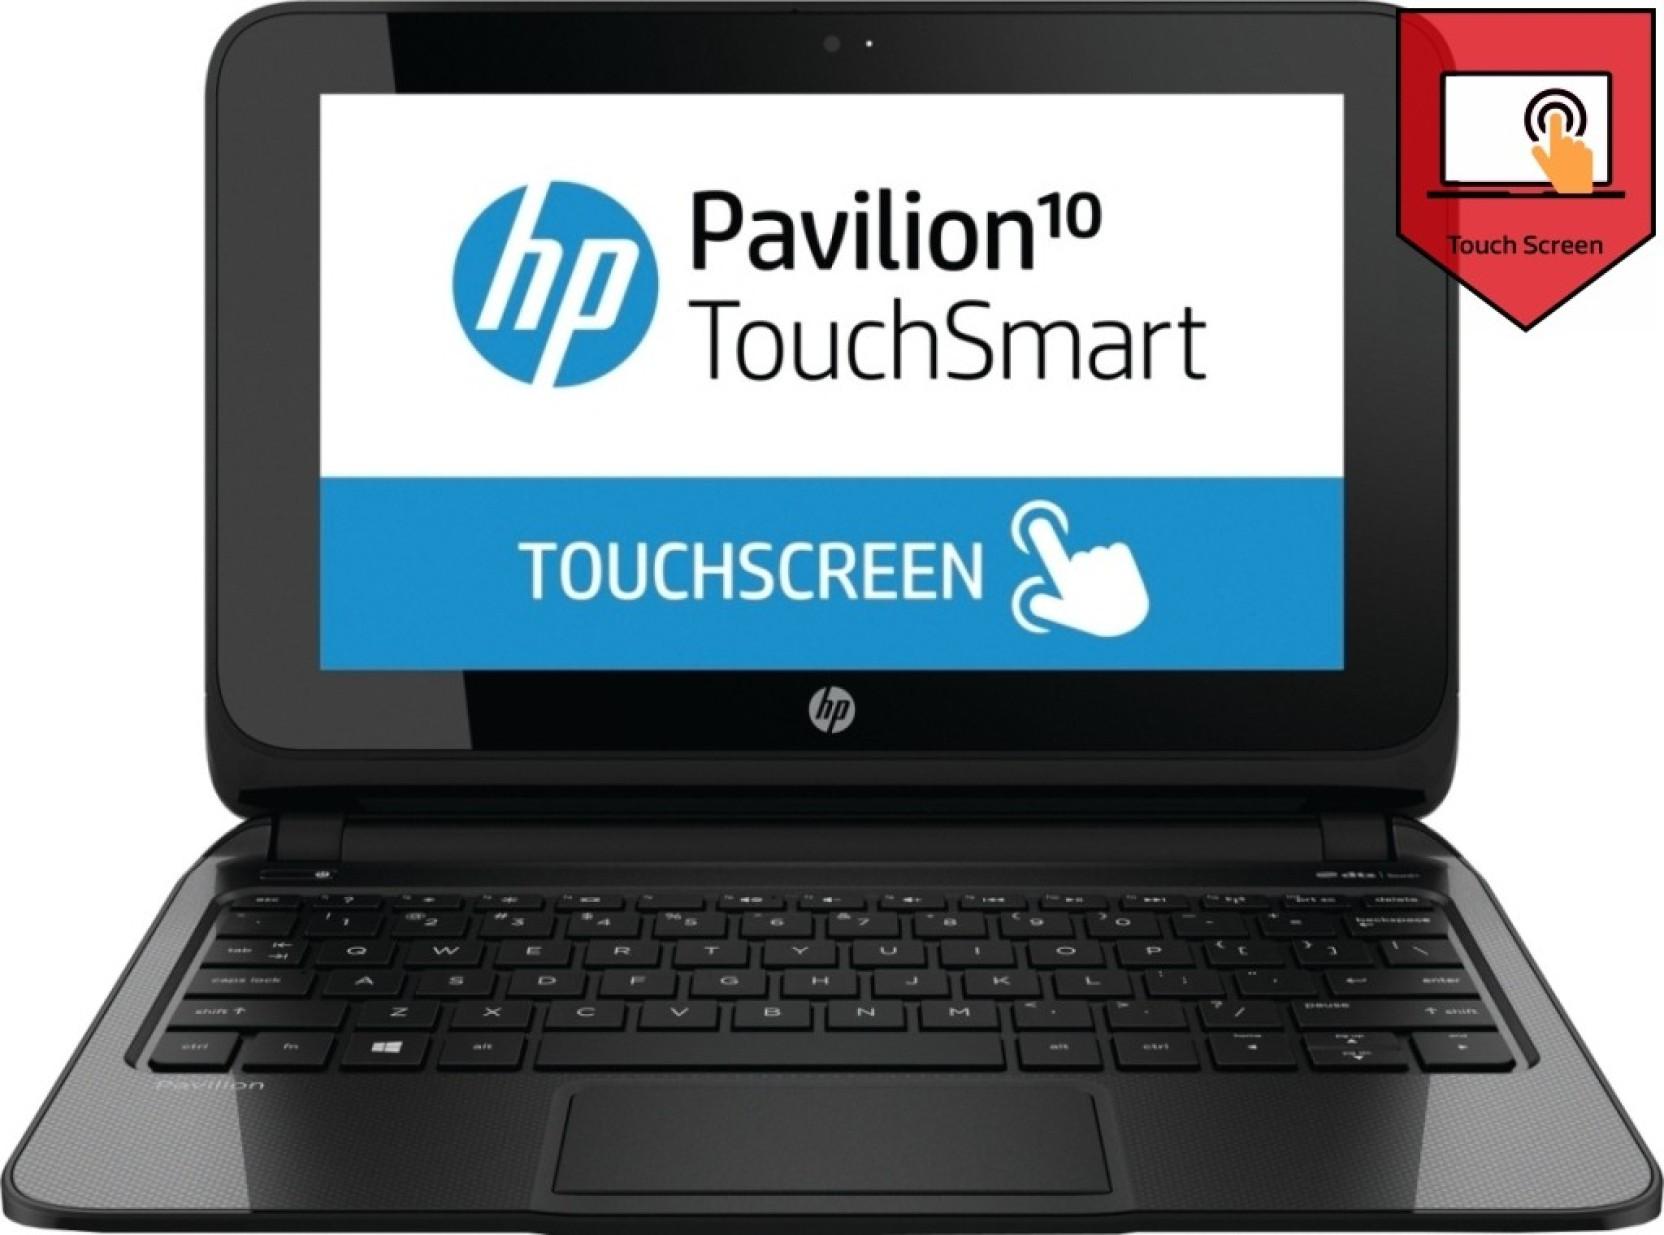 ... hp laptops hp pavilion touchsmart 10 e007au netbook apu dual core a4